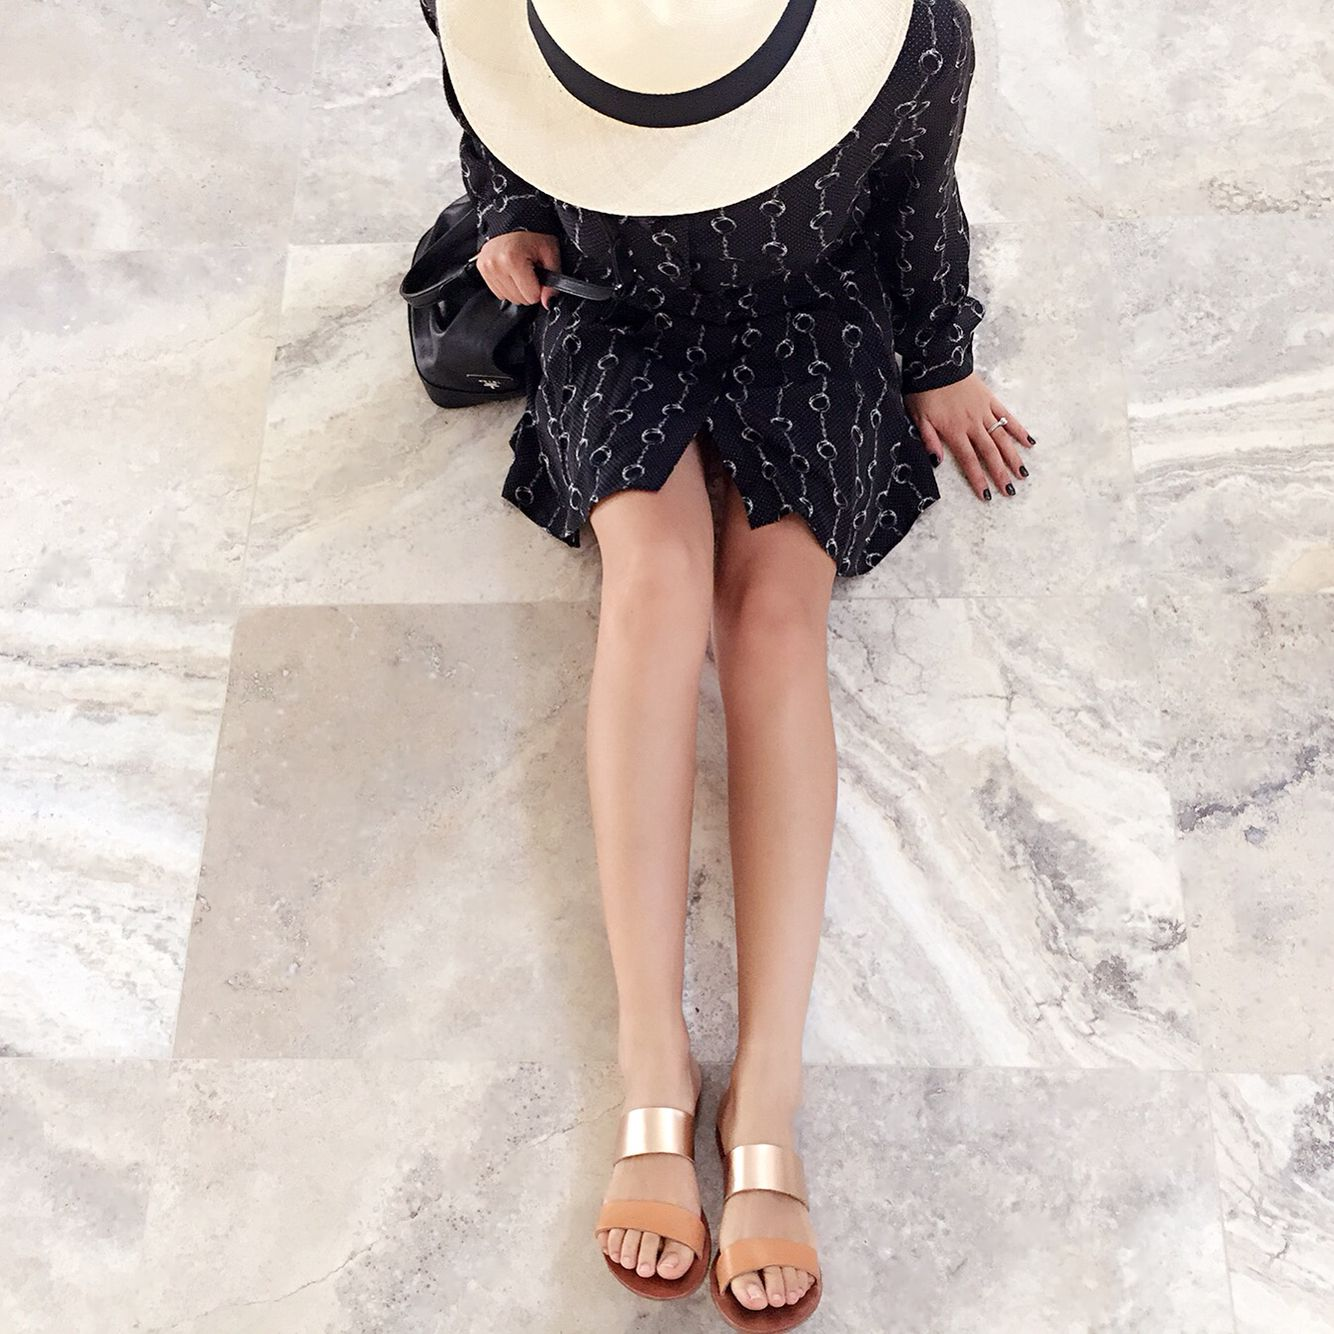 Itscharliesu.com the kooples dress